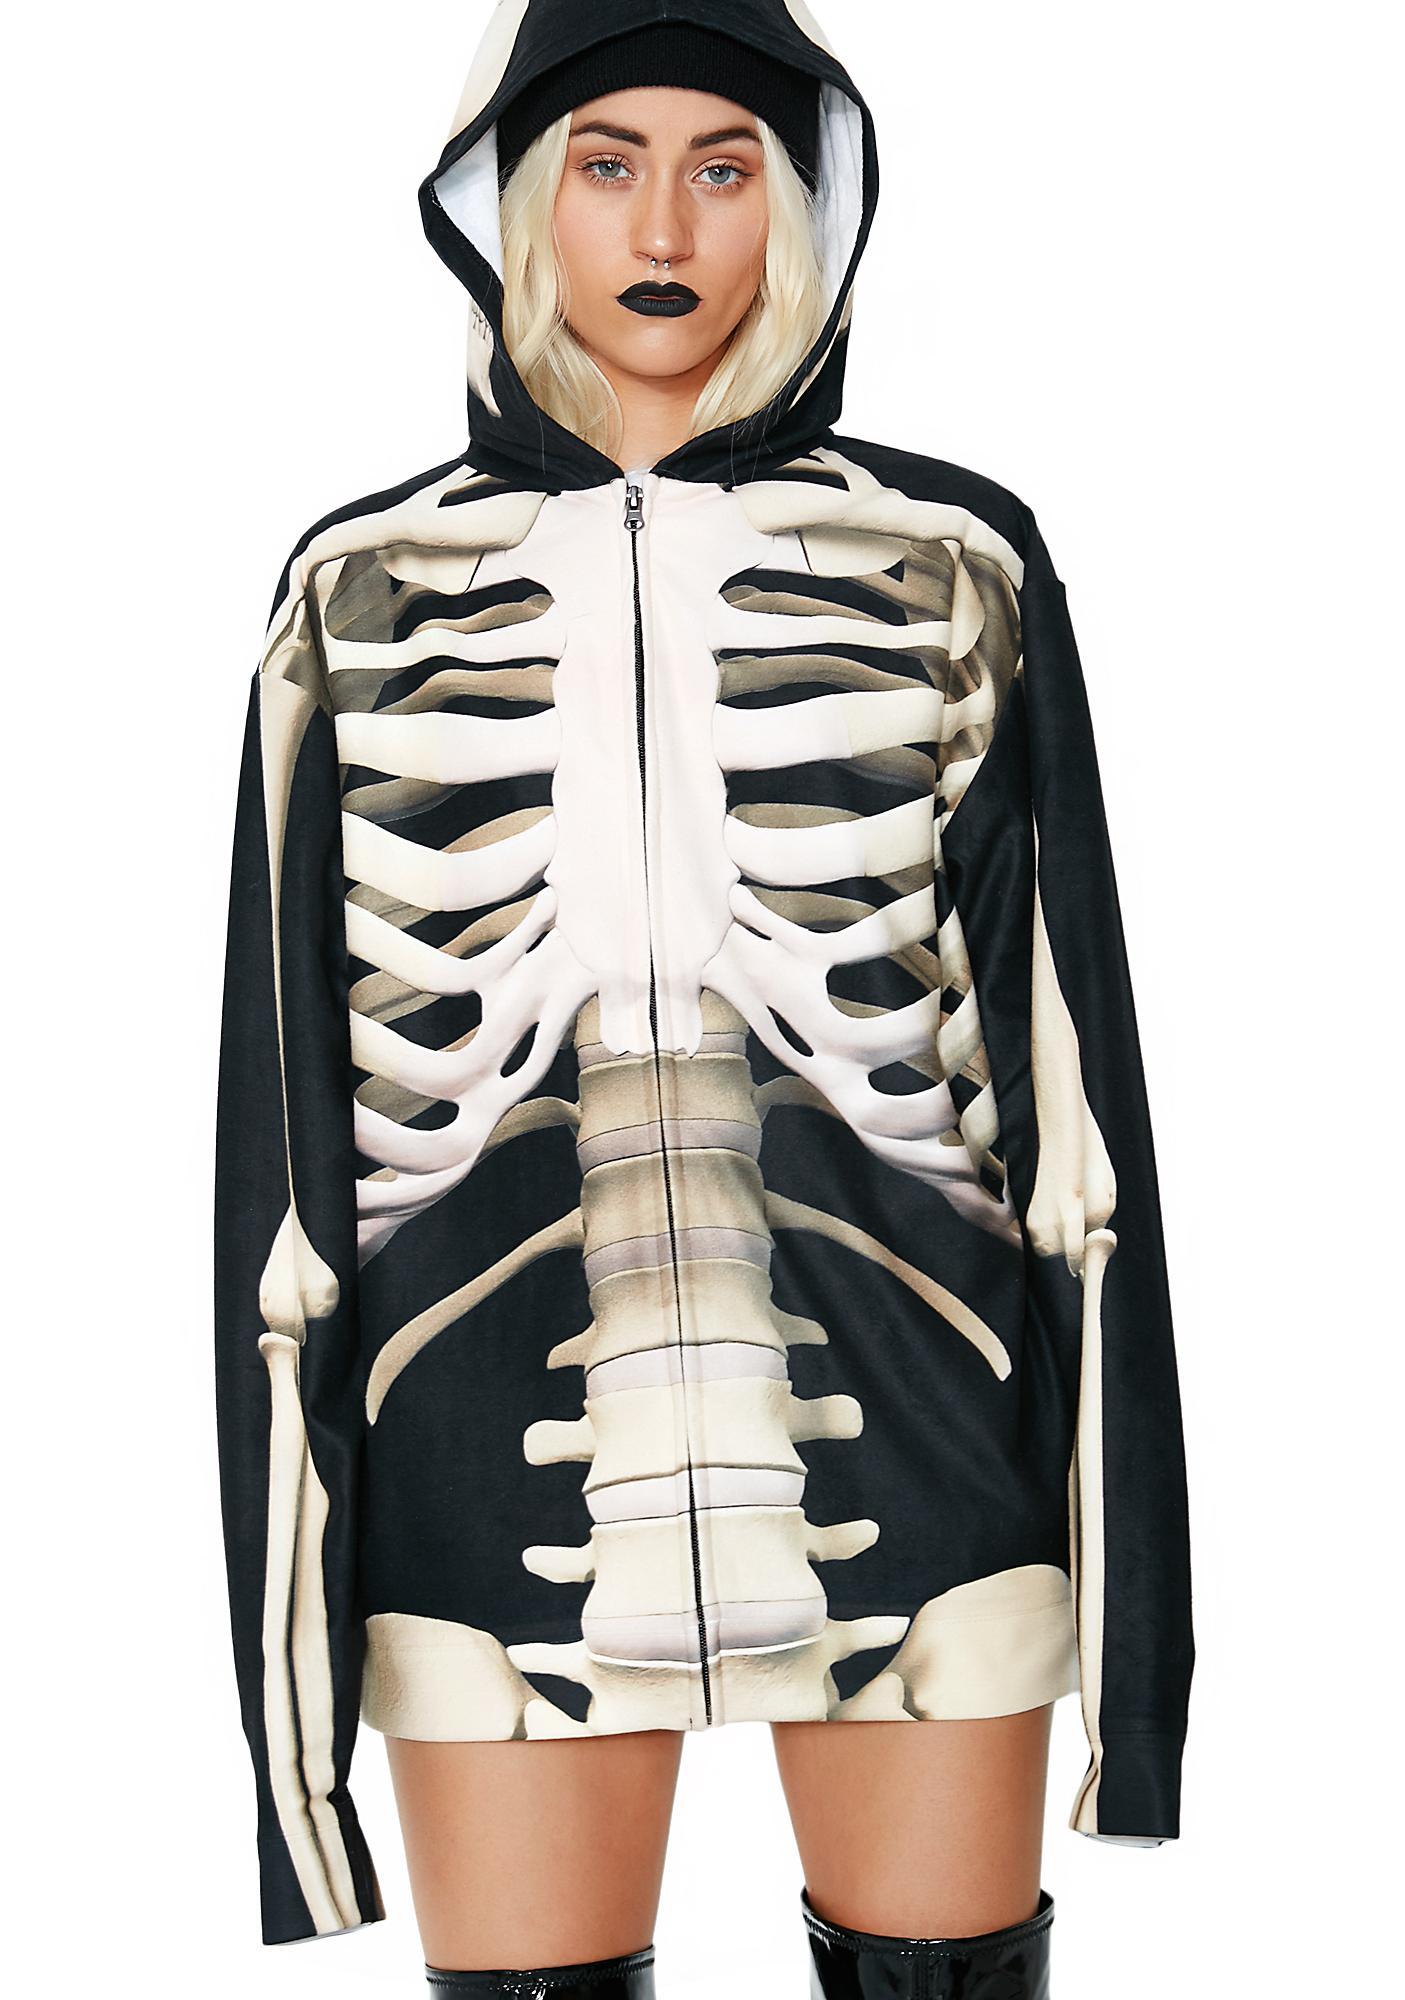 X-Ray Vision Skeleton Hoodie